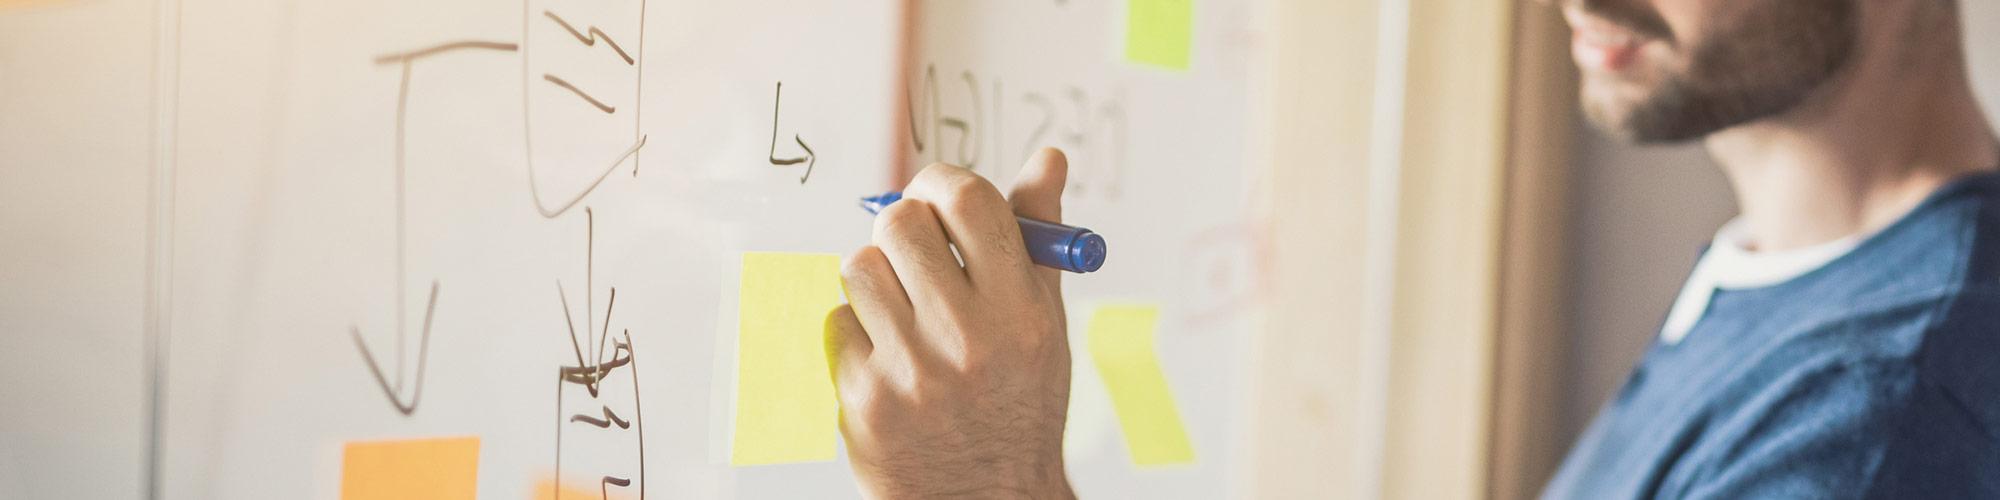 itemis-agiles-projektmanagement-header2.jpg